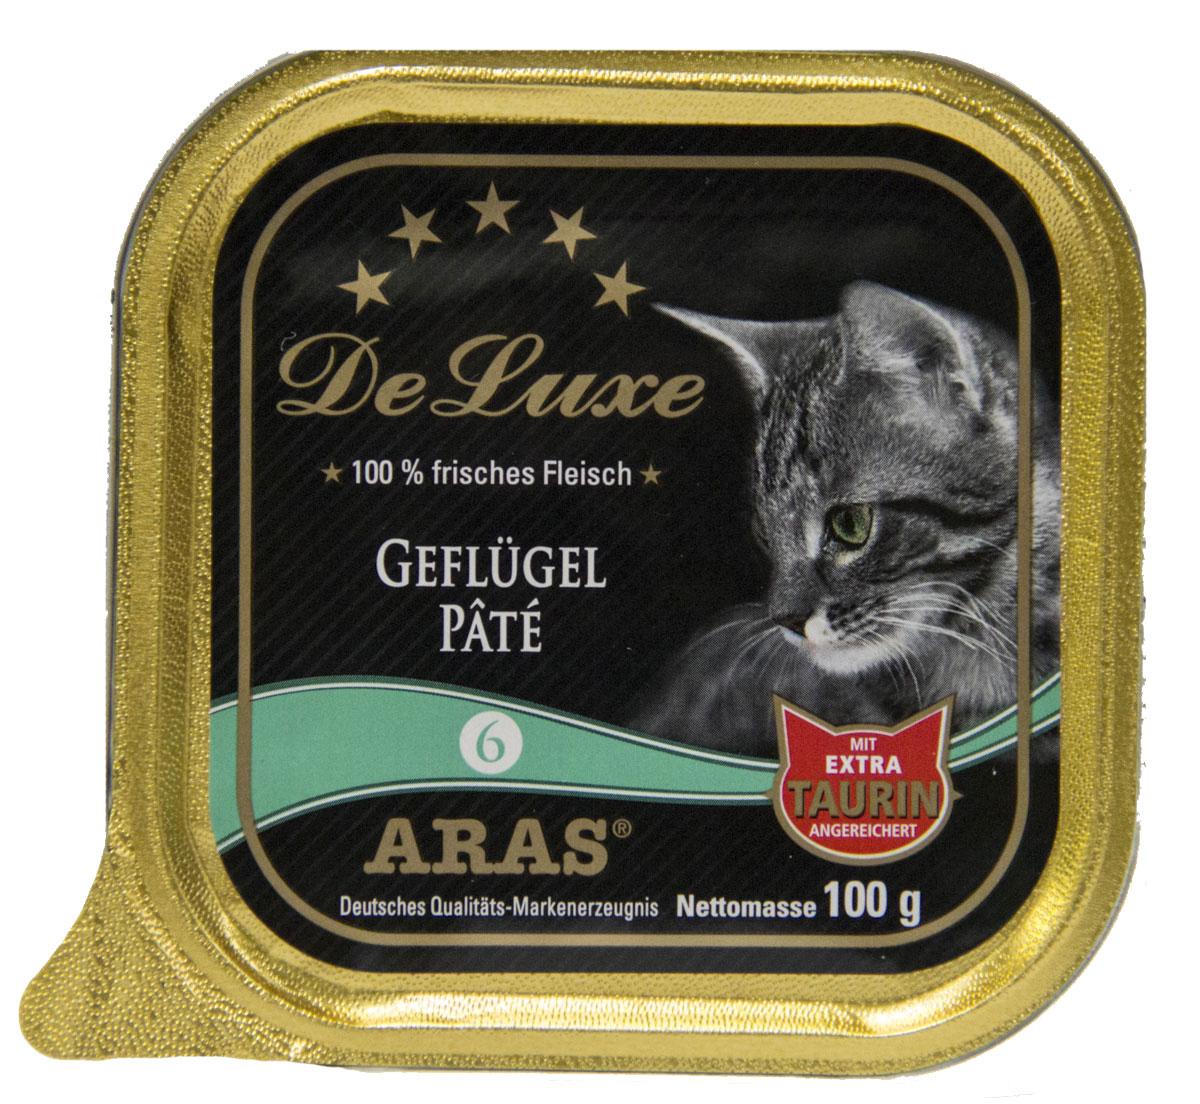 Консервы Aras Premium Delux, для кошек, паштет с домашней птицей, 100 г503106Изысканные, натуральные, беззерновые, мясные паштеты для кошек. Корм произведен в Германии из продуктов, пригодных в пищу человека по специальной технологии схожей с технологией Sous Vide. Благодаря уникальной технологии, схожей с технологий Souse Vide, при изготовлении сохраняются все натуральные витамины и минералы. Это достигается благодаря бережной обработке всех ингредиентов при температуре менее 80 градусов. Такая бережная обработка продуктов не стерилизует продуктовые компоненты. Благодаря этому корма не нуждаются ни в каких дополнительных вкусовых добавках и сохраняют все необходимые полезные вещества. При производстве кормов используются исключительно свежие натуральные продукты: мясо, овощи и зерновые; Приготовлено из 100% свежего мяса, пригодного в пищу человеку; Содержит натуральные витамины, аминокислоты, минеральные вещества и микроэлементы; С экстрактом масла зародышей зерна пшеницы холодного отжима (Bio-Dura); Без химических красителей,...